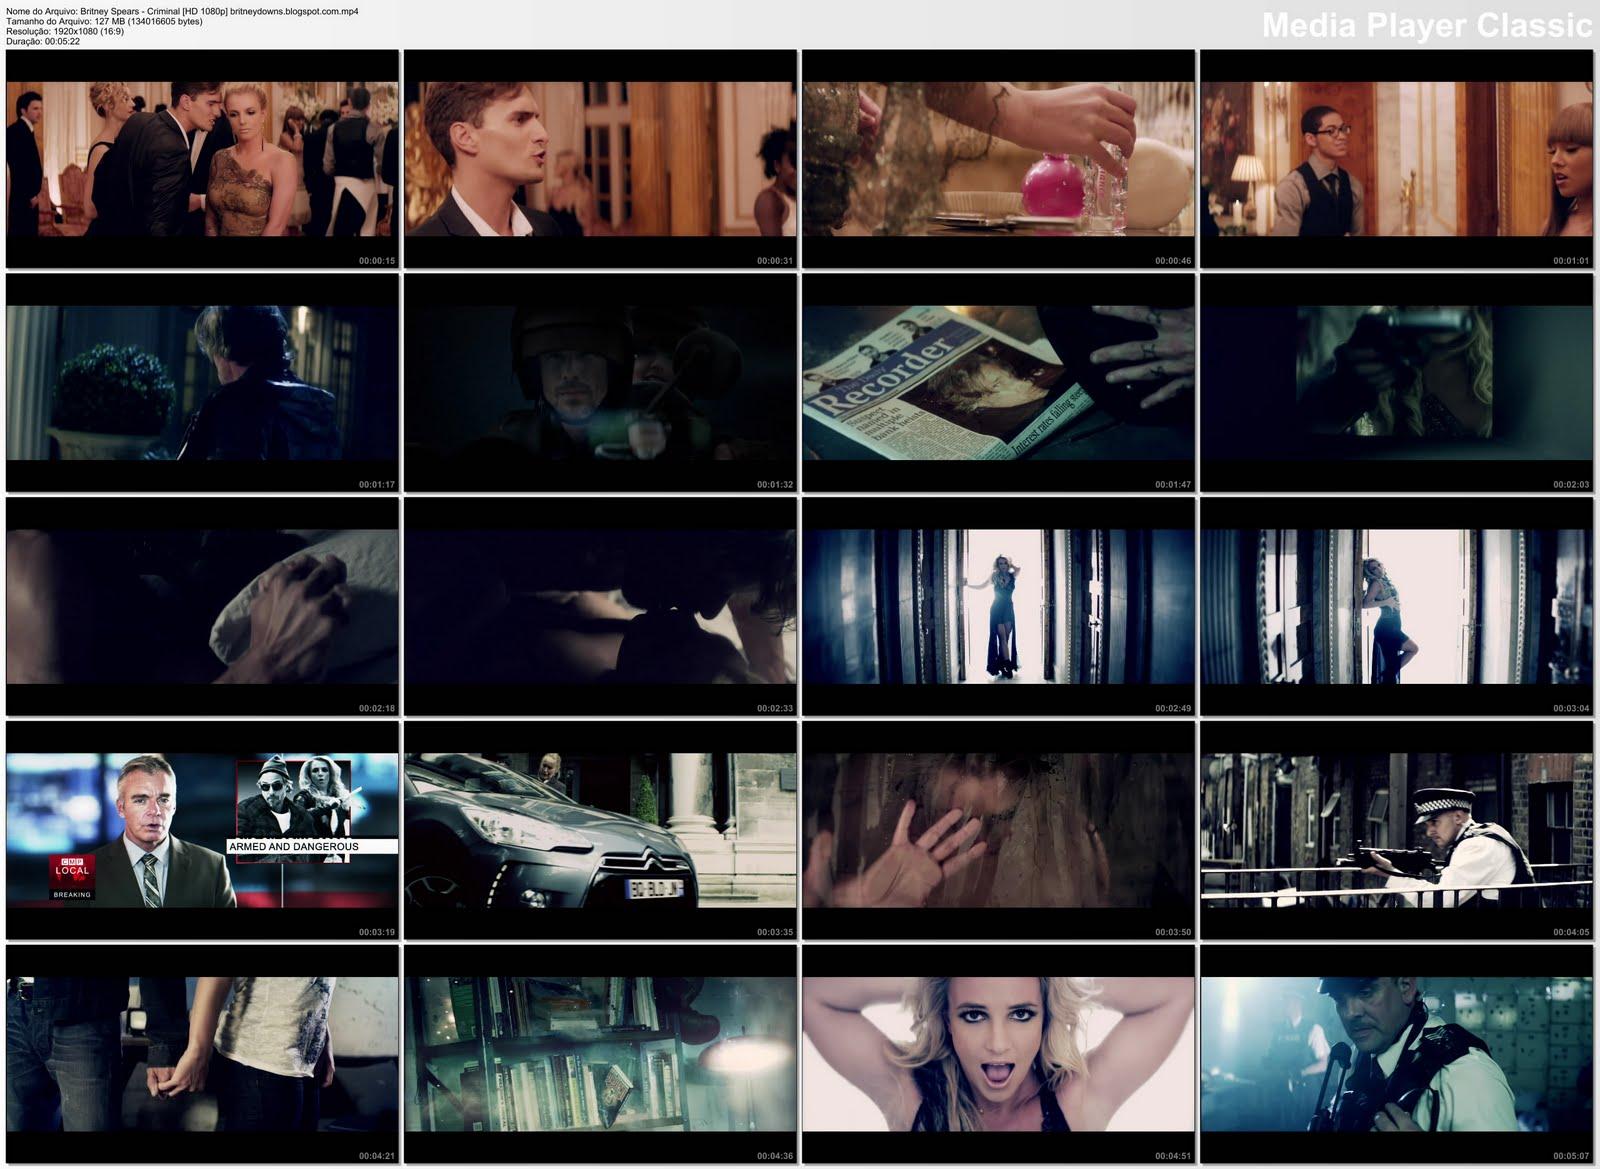 http://2.bp.blogspot.com/-Q1kEokRQFTA/Tp35HHeuO5I/AAAAAAAAAhk/7o1ZipMIRY0/s1600/Britney%2BSpears%2B-%2BCriminal%2B%255BHD%2B1080p%255D%2Bbritneydowns.blogspot.com.mp4_thumbs_%255B2011.10.18_19.40.22%255D.jpg